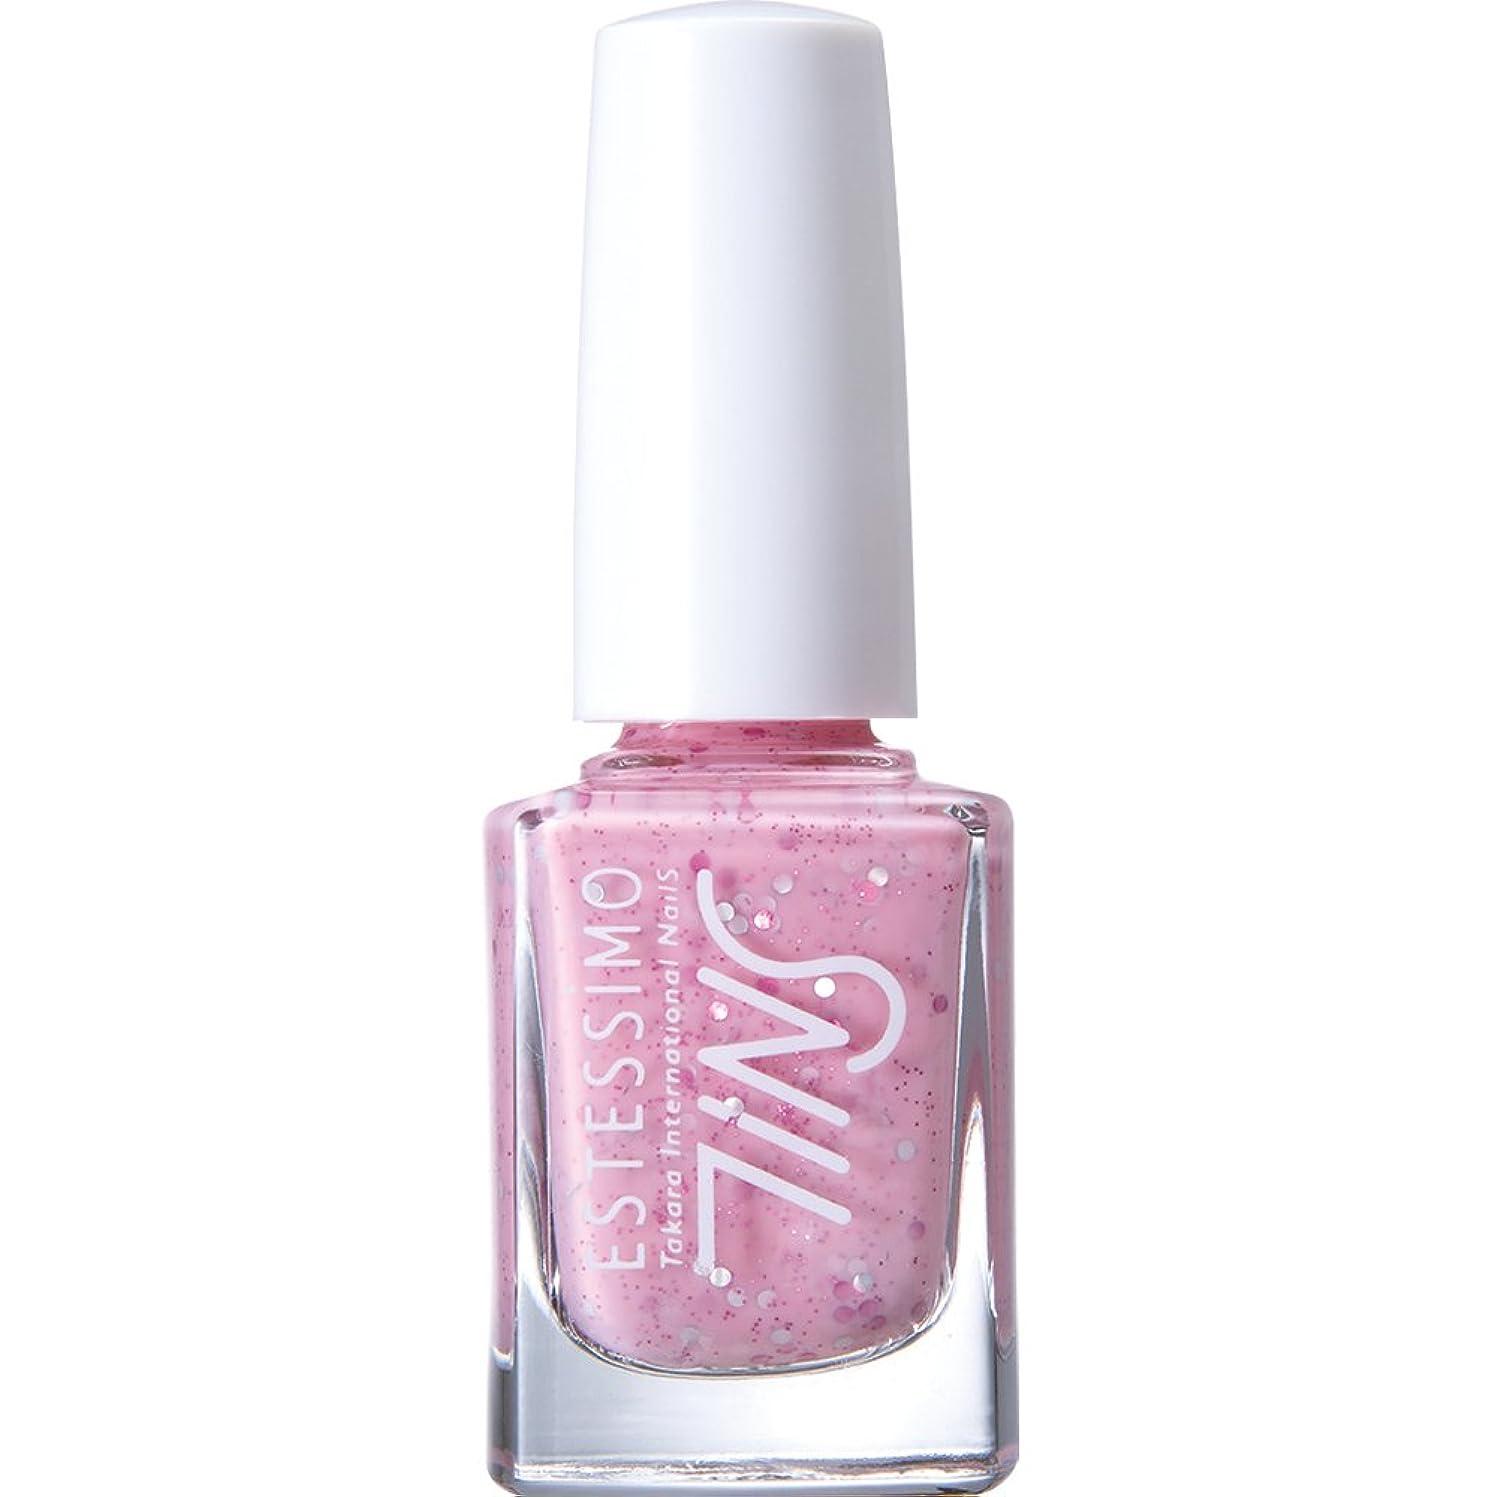 フルーティー電話する切手TiNS カラー 802 コットンキャンディスムージー 11ml 2015年春の限定色「Sugarsprinkles! 」シリーズ カラーポリッシュ